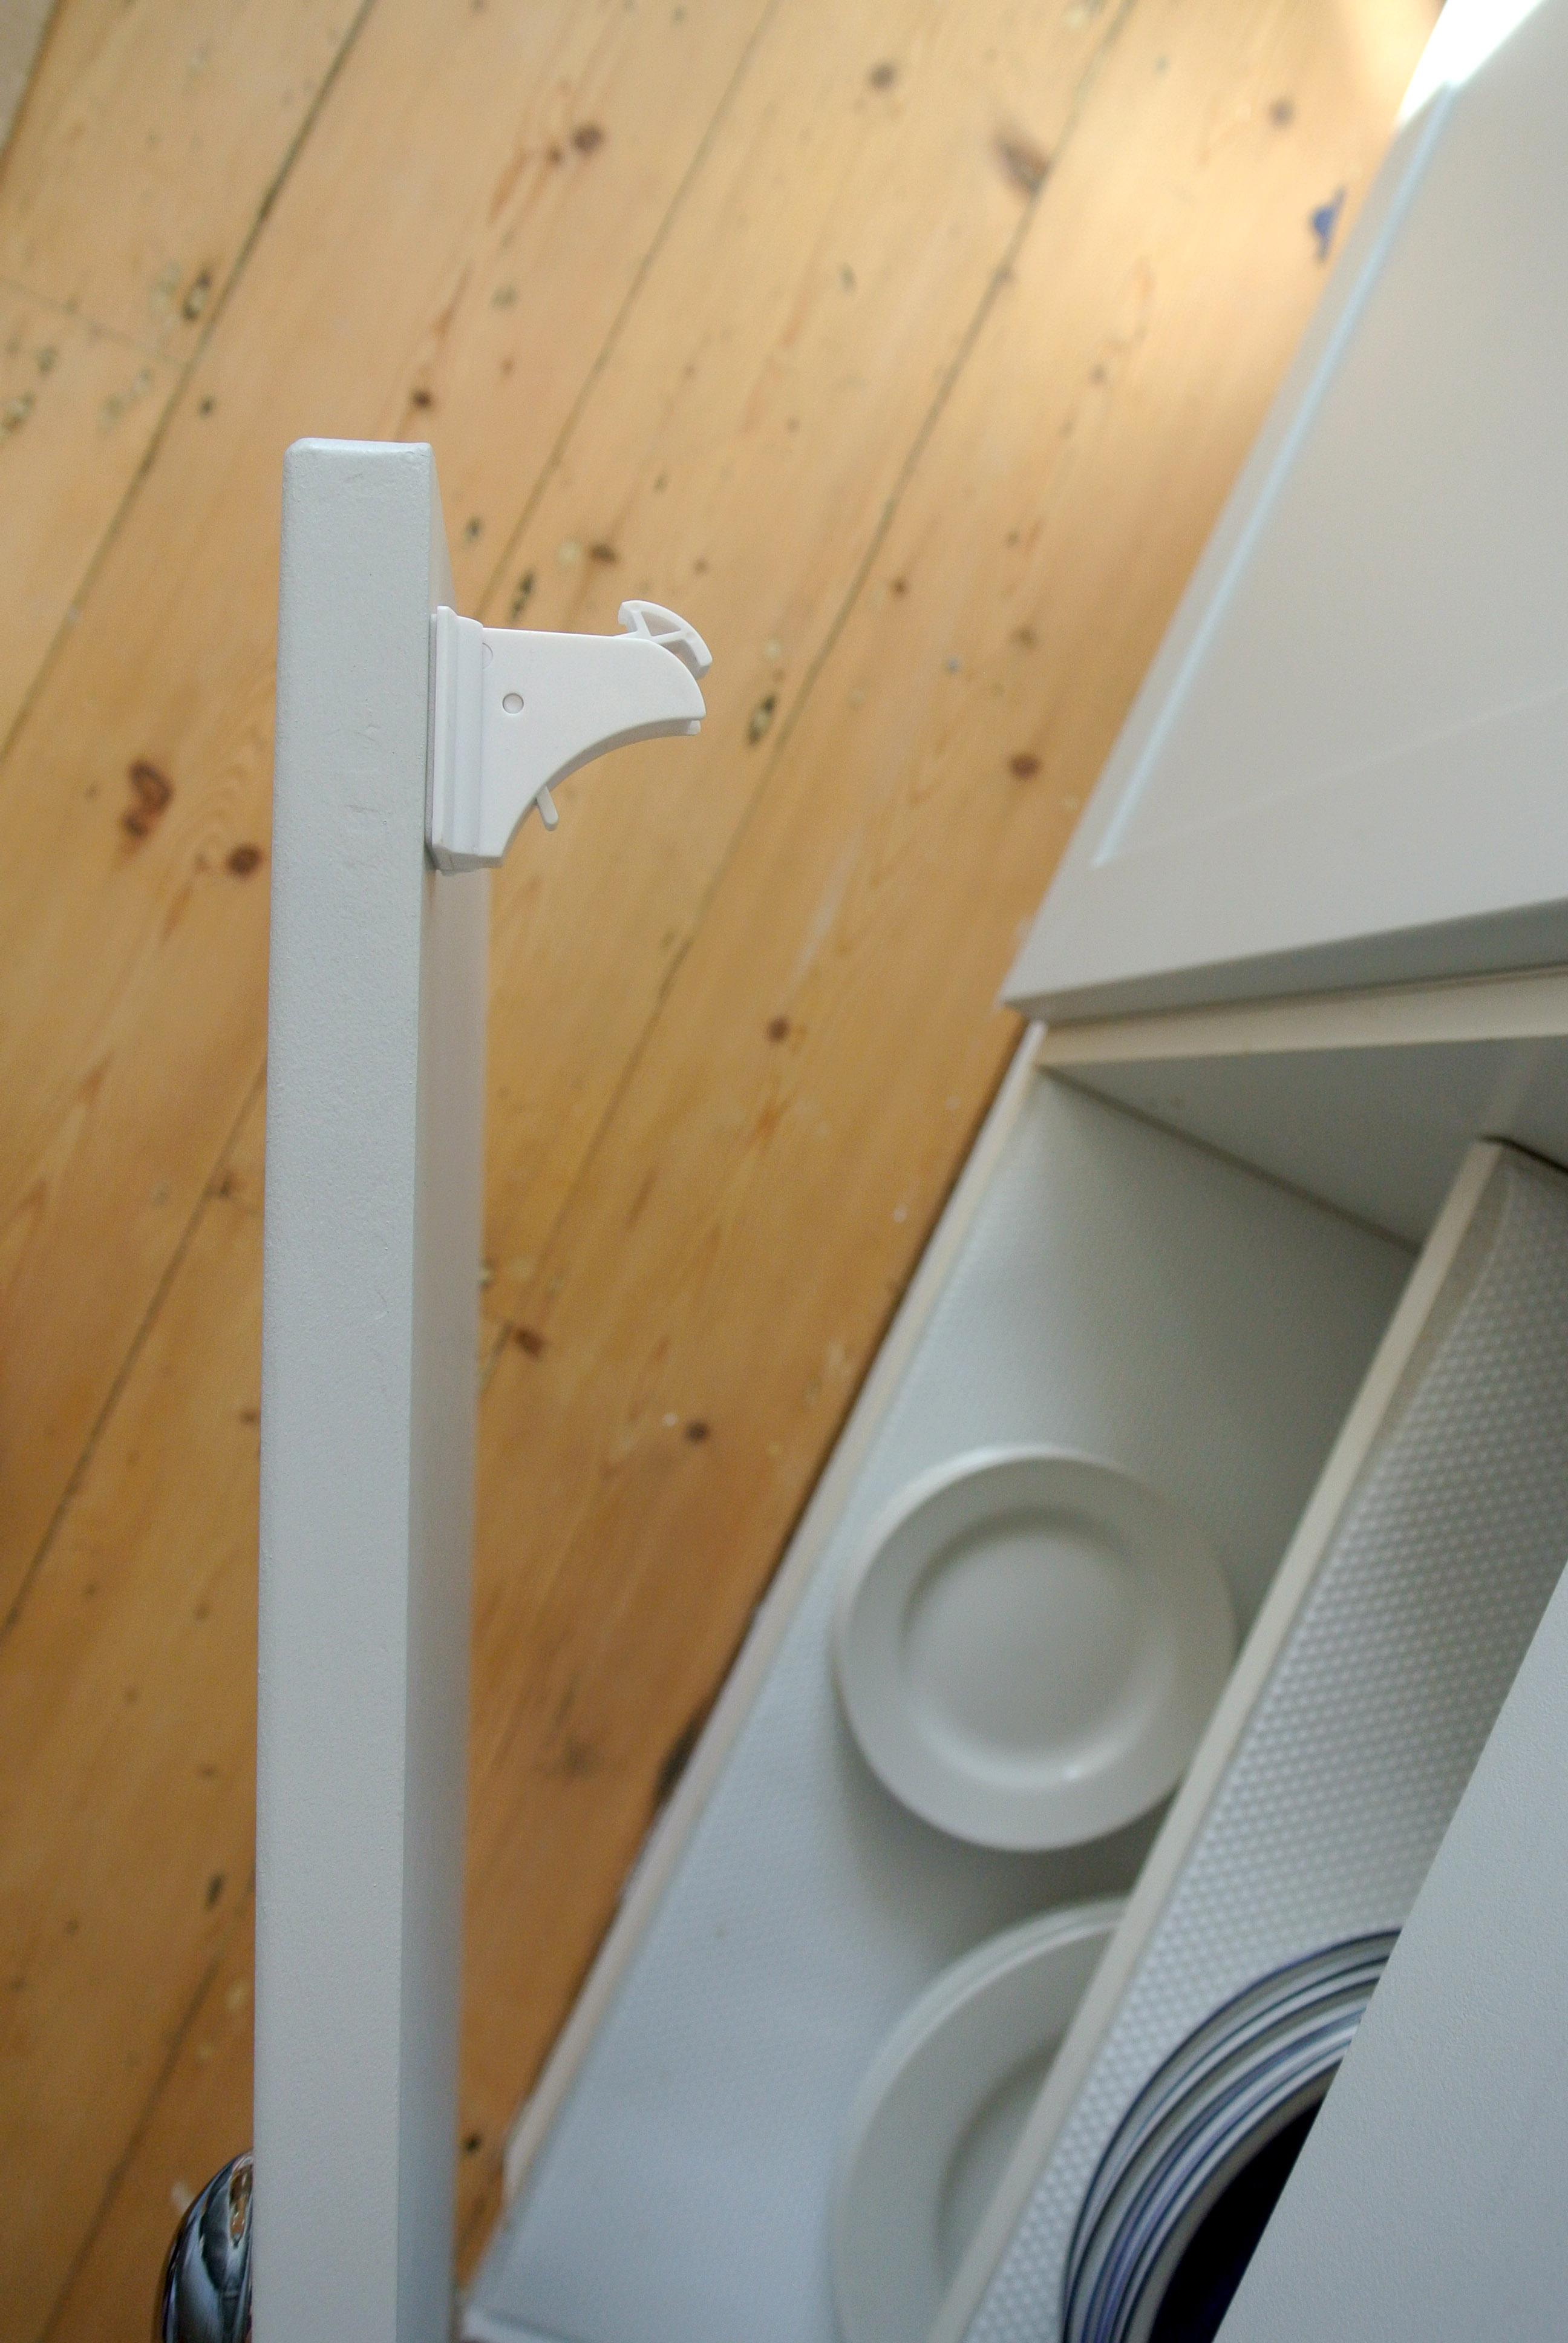 Child locks in kitchen